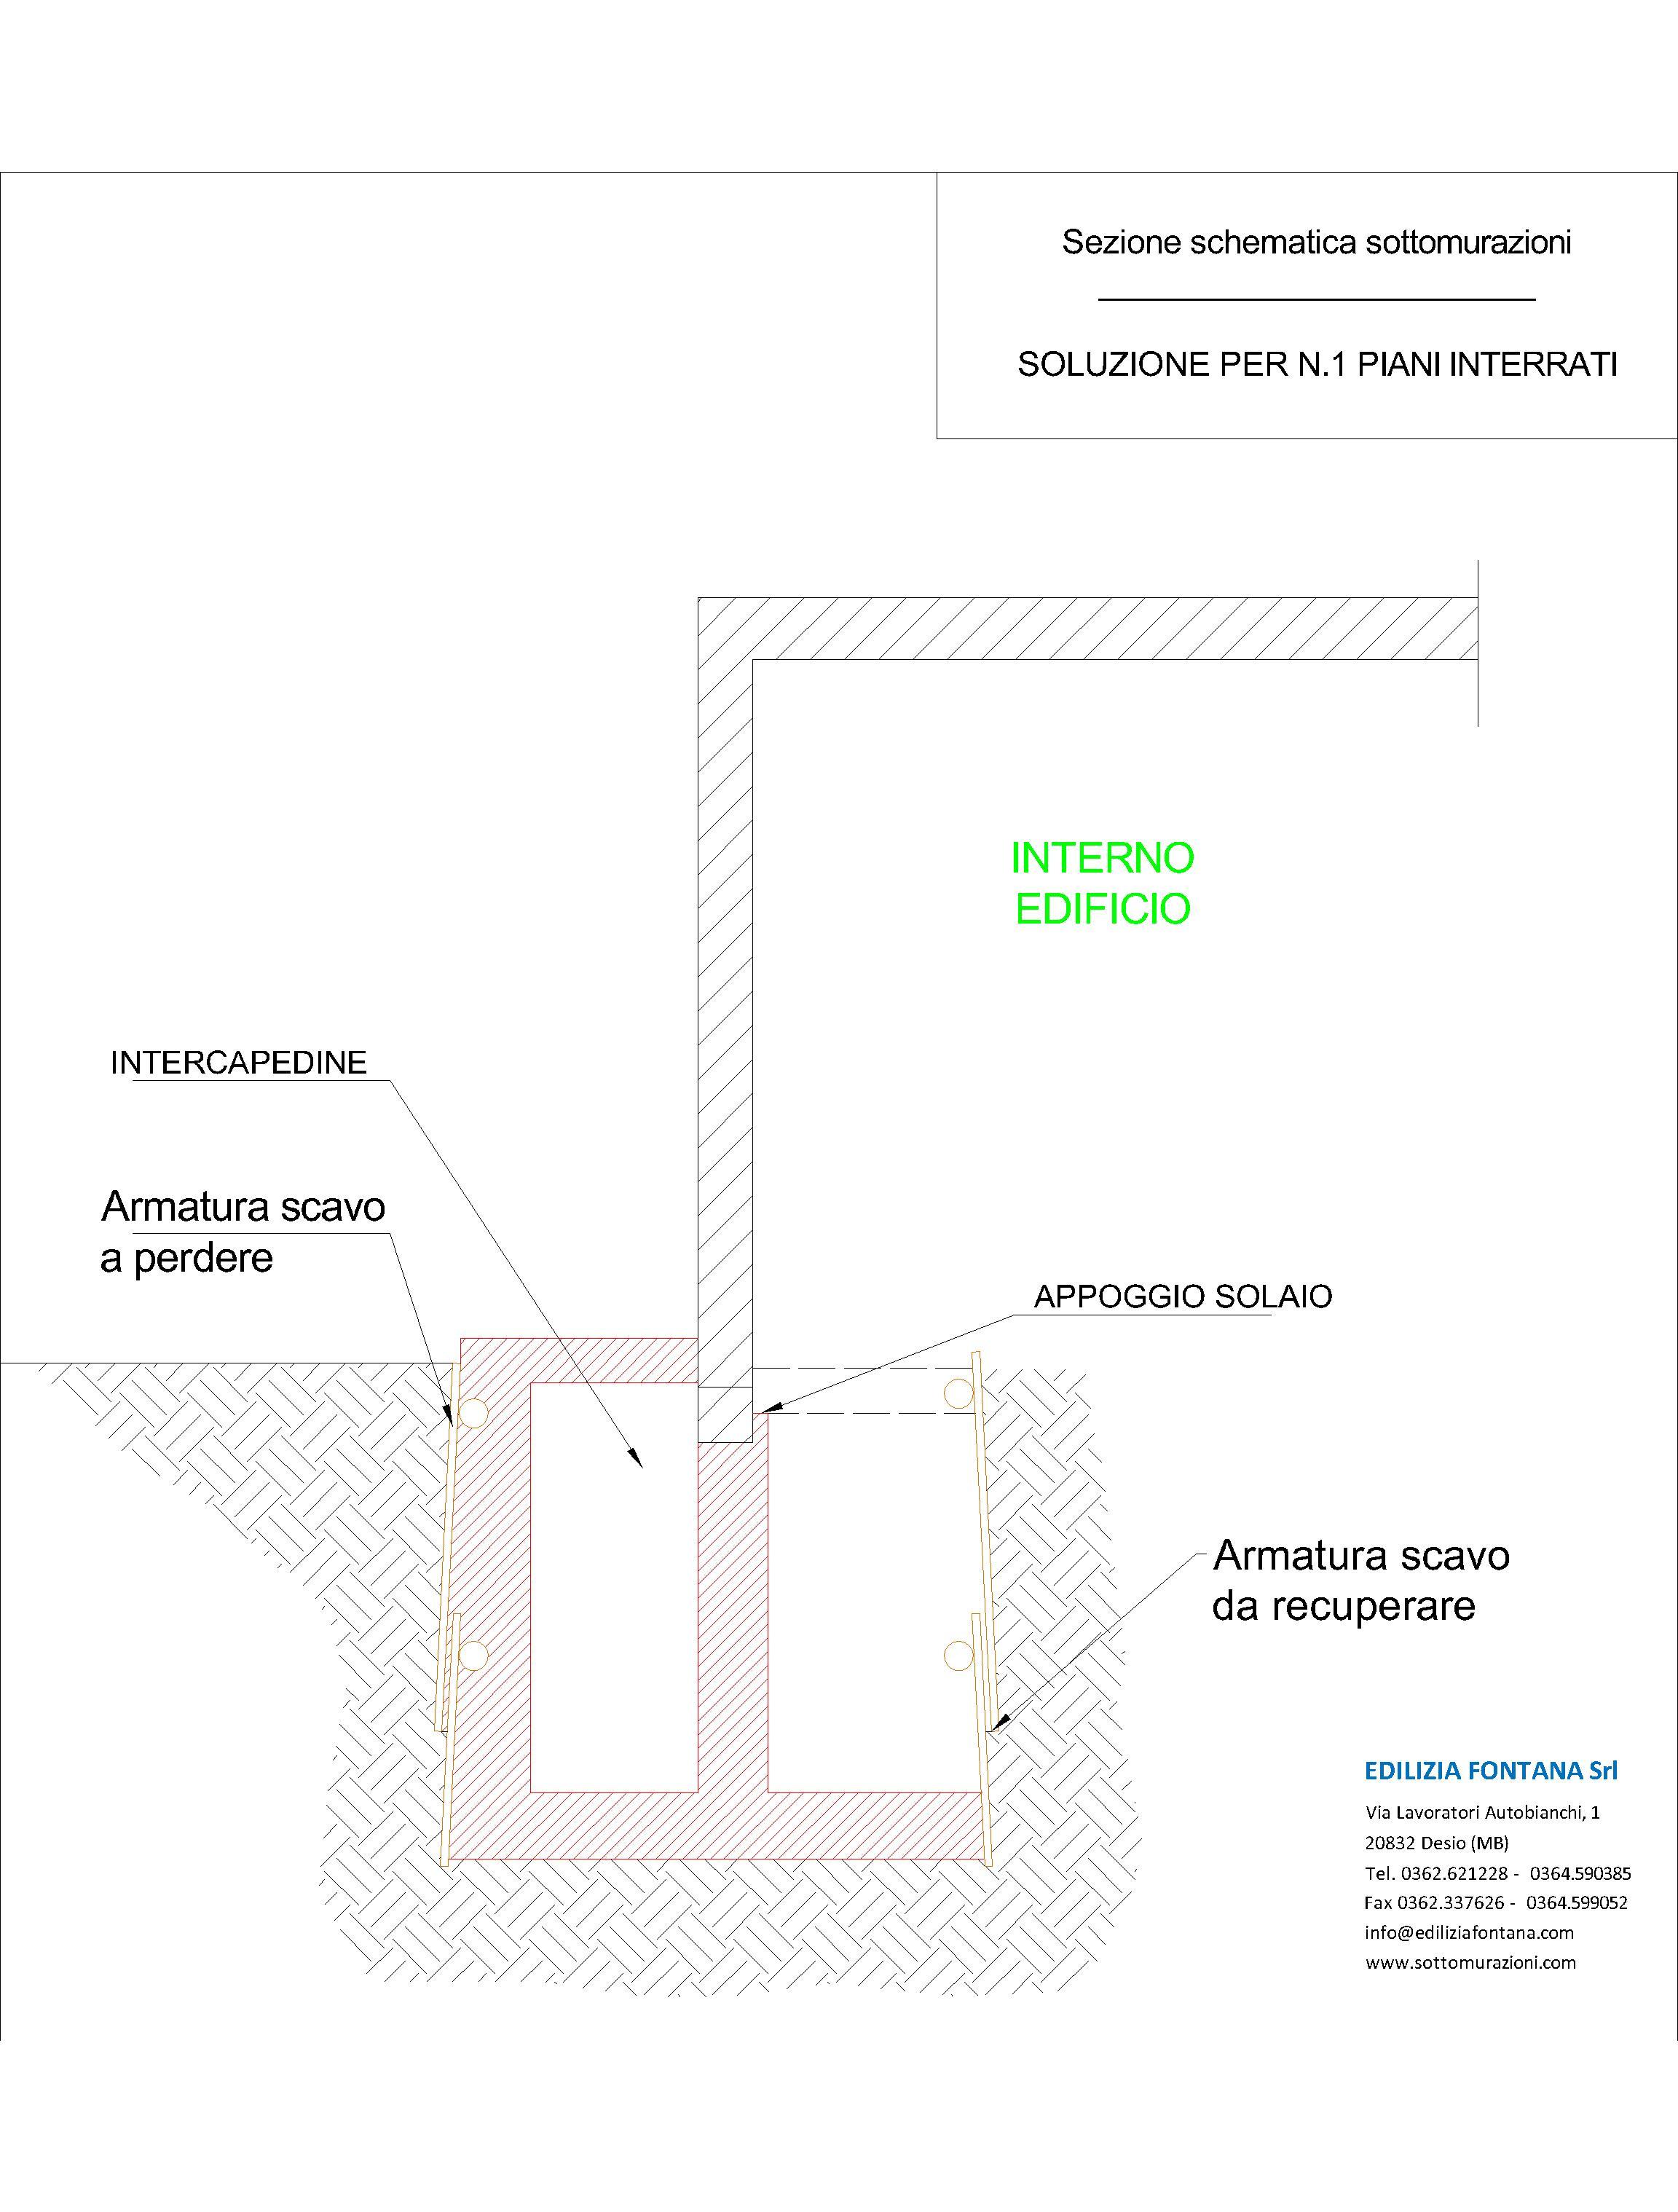 specializzati in sottomurazioni edilizia fontana sottomurazioni e scavi armati edilizia fontana sottomurazioni 03